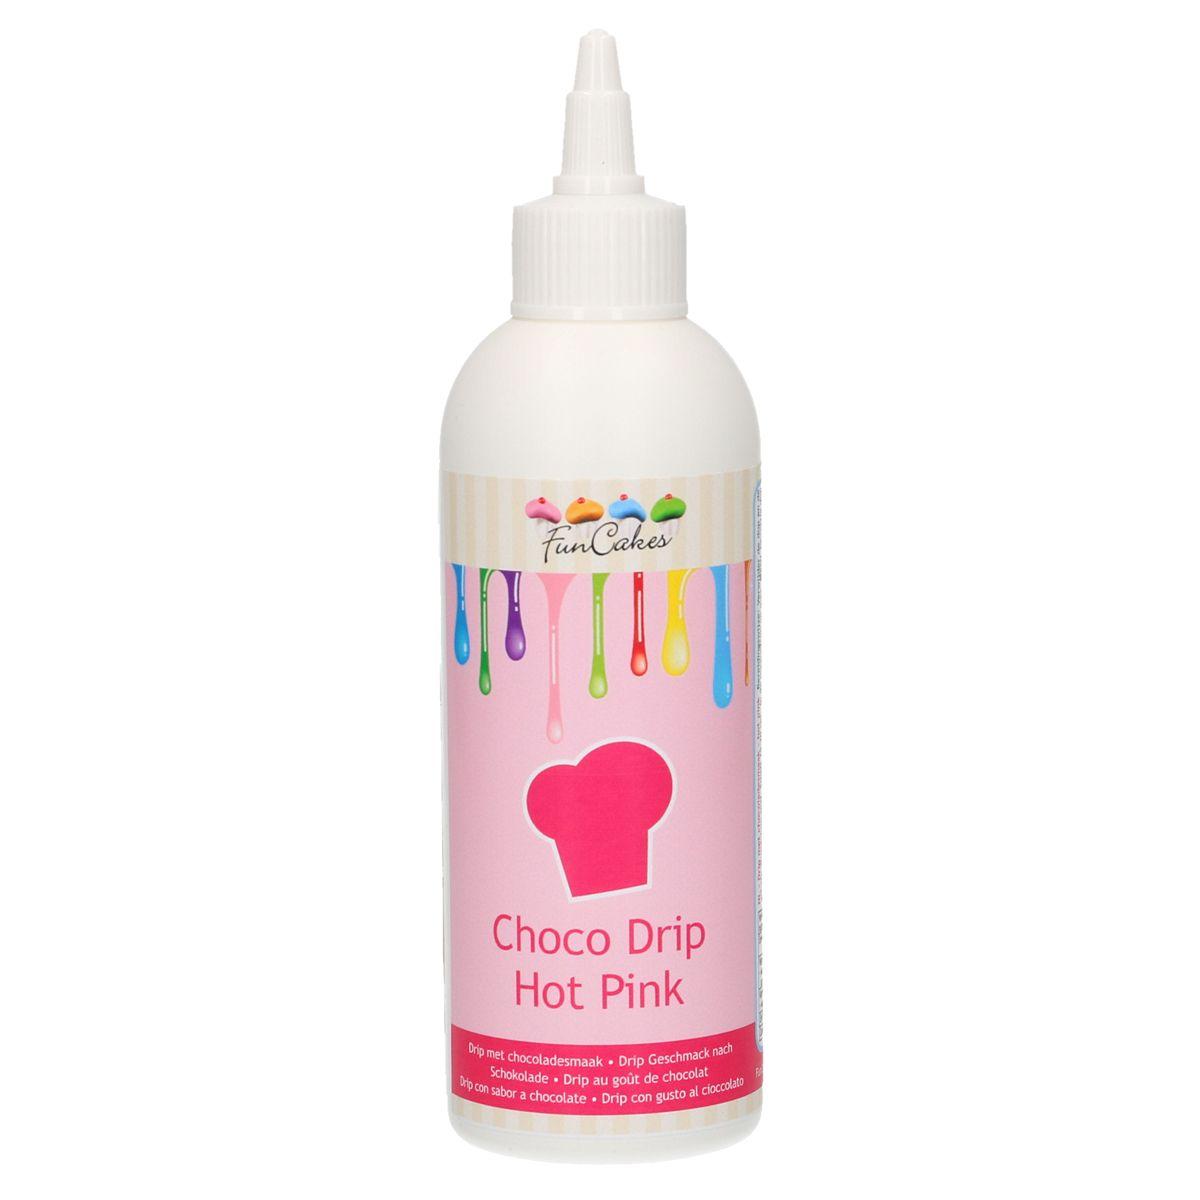 Funcakes Choco Drip Hot Pink - Čokoládová poleva v tubě tmavá růžová 180 g